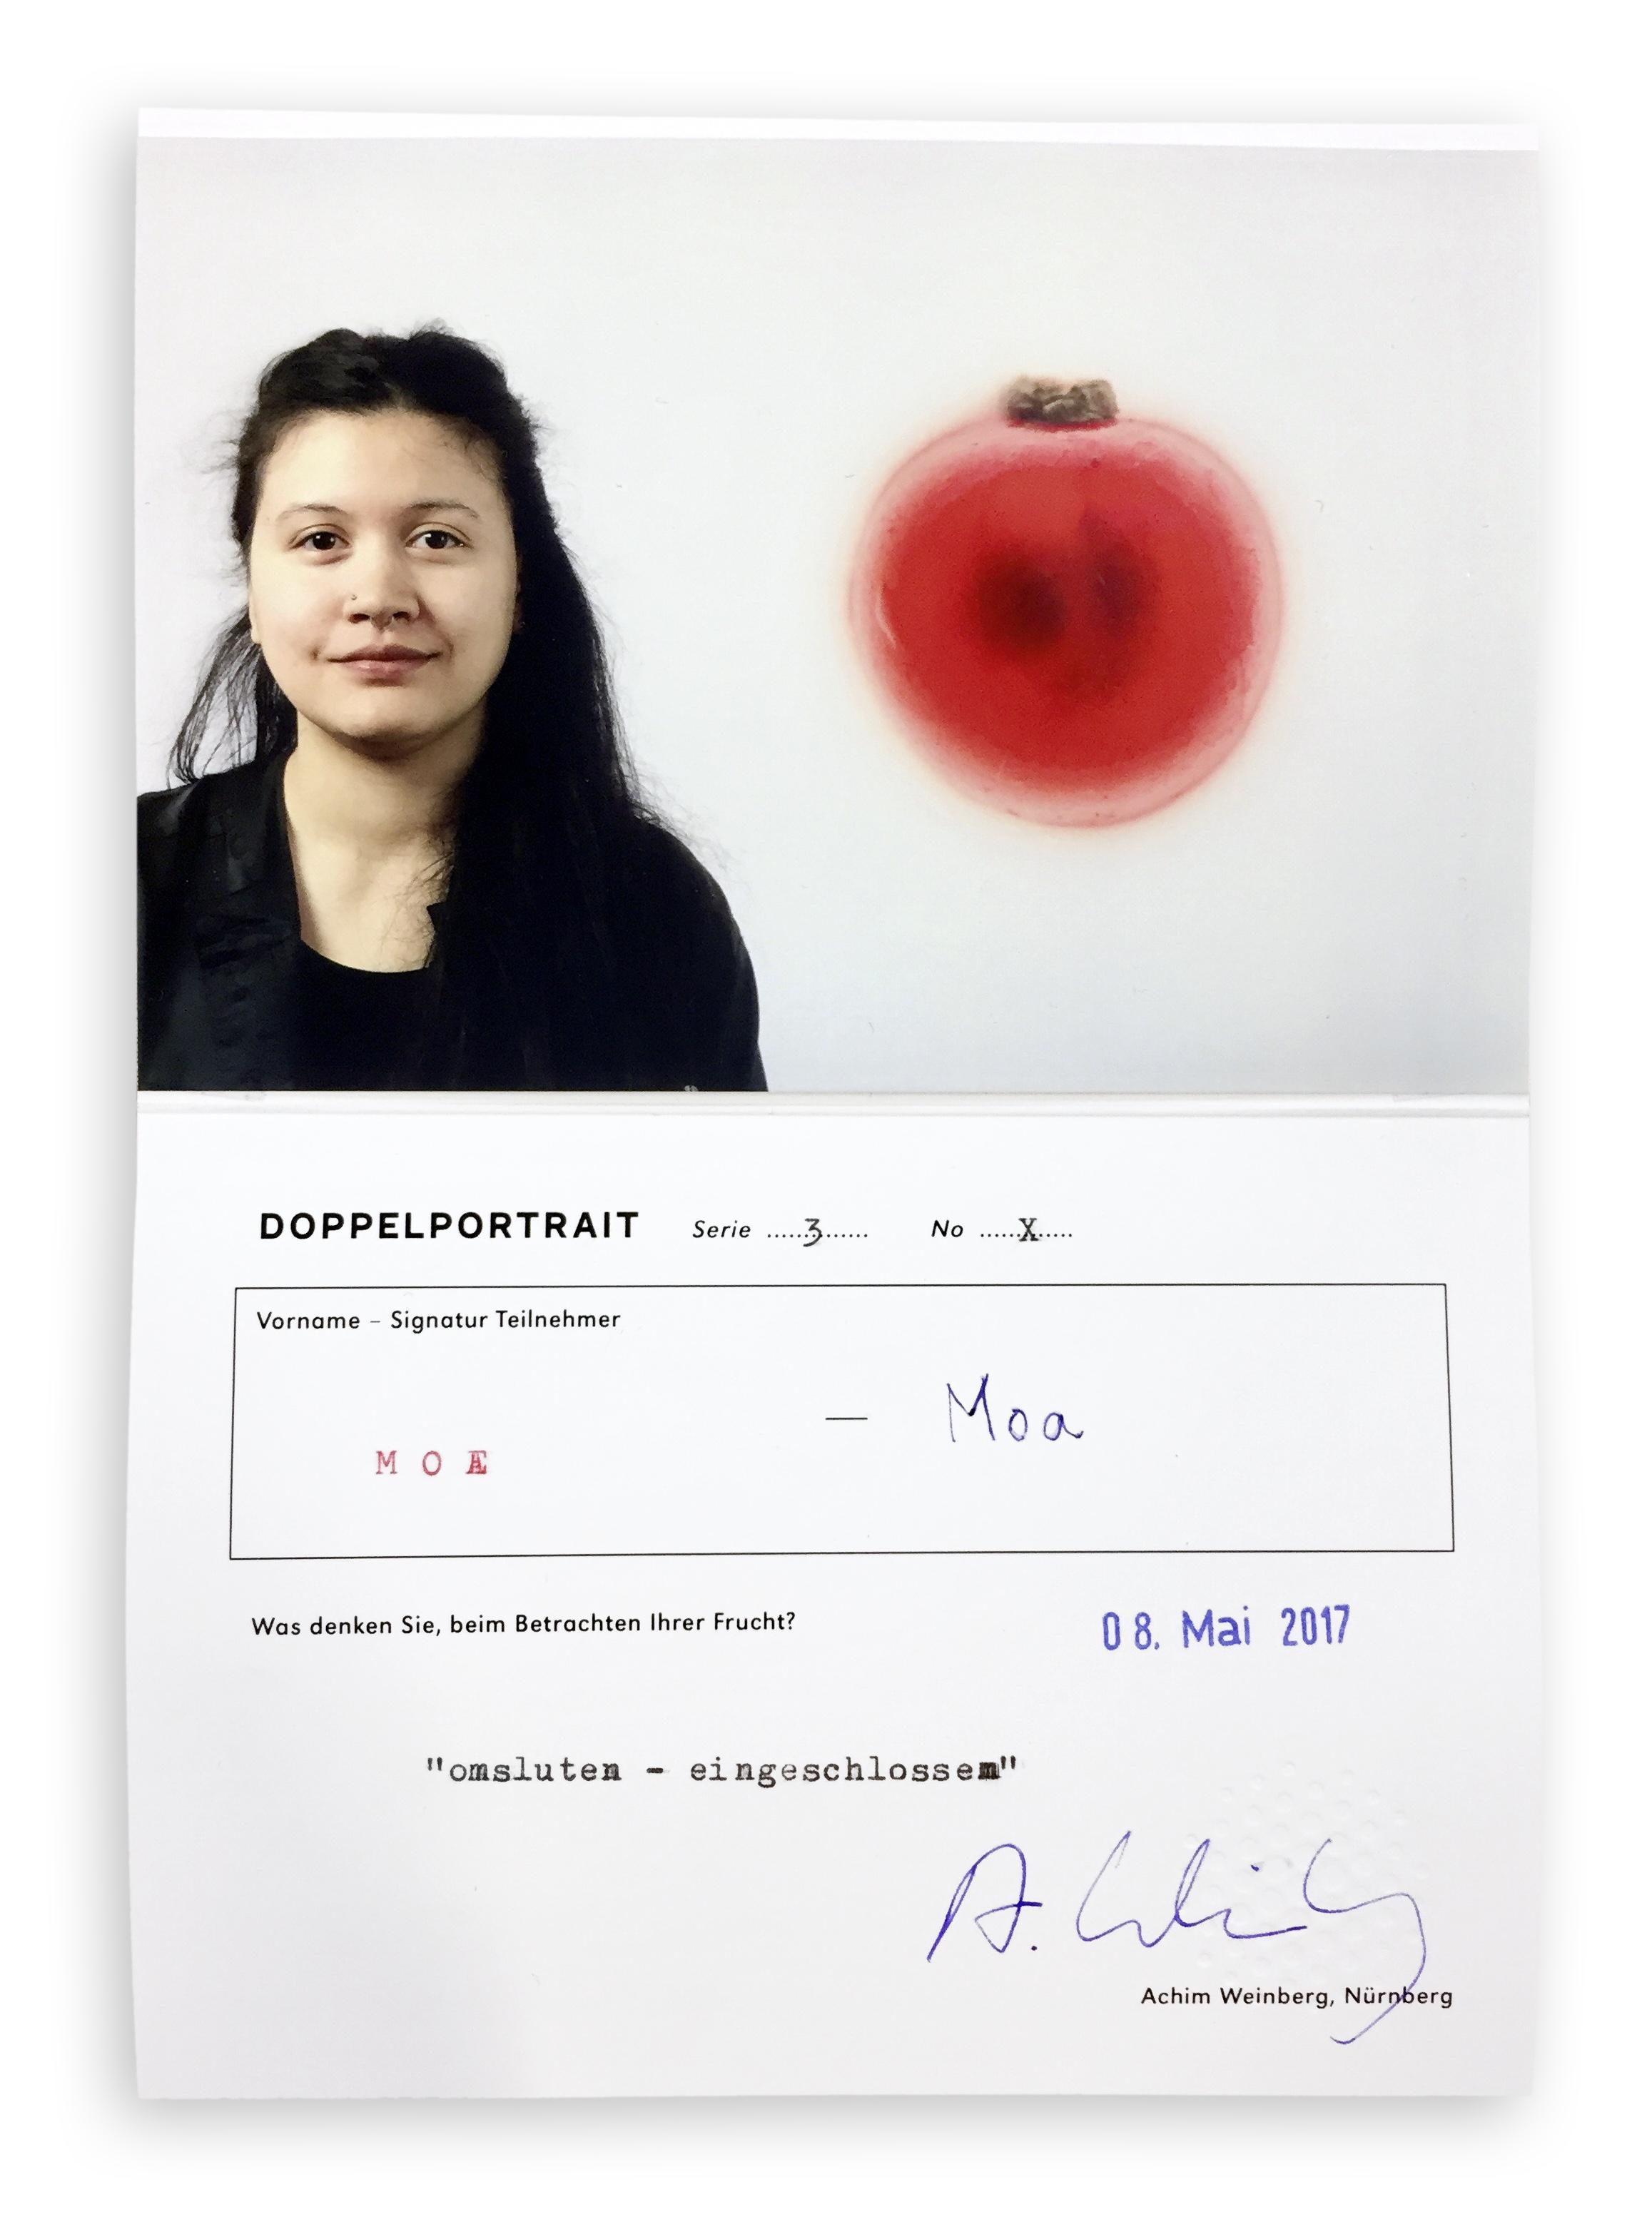 Zertifikat mit Moa aus Finnland – mein Lieblingsbild mit roter Johannisbeere